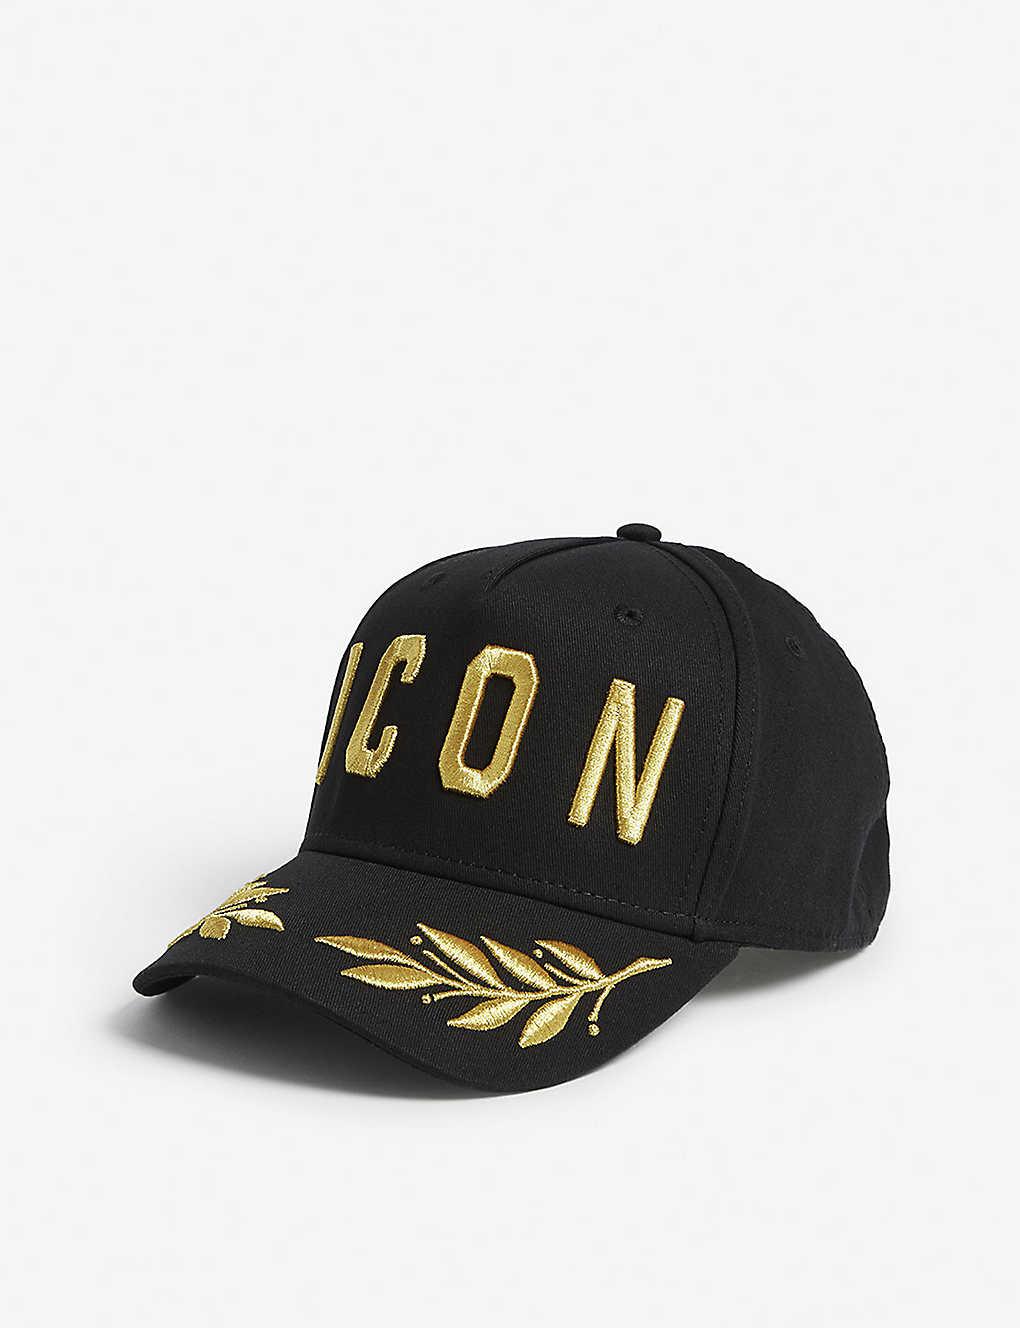 425a811e DSQUARED2 ACC - Icon laurel wreath cotton baseball cap | Selfridges.com